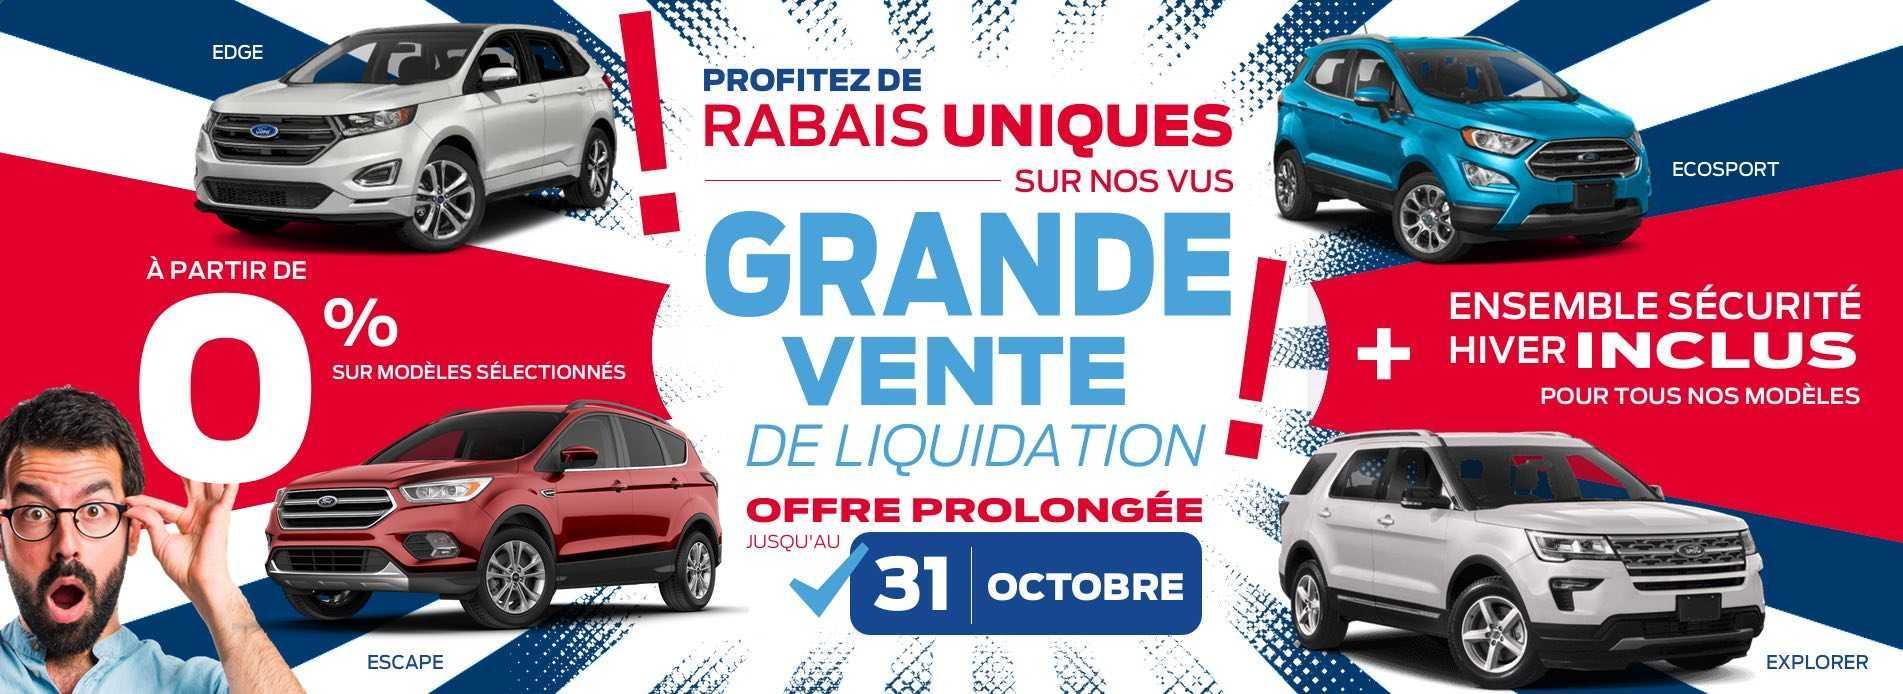 Vente de liquidation octobre